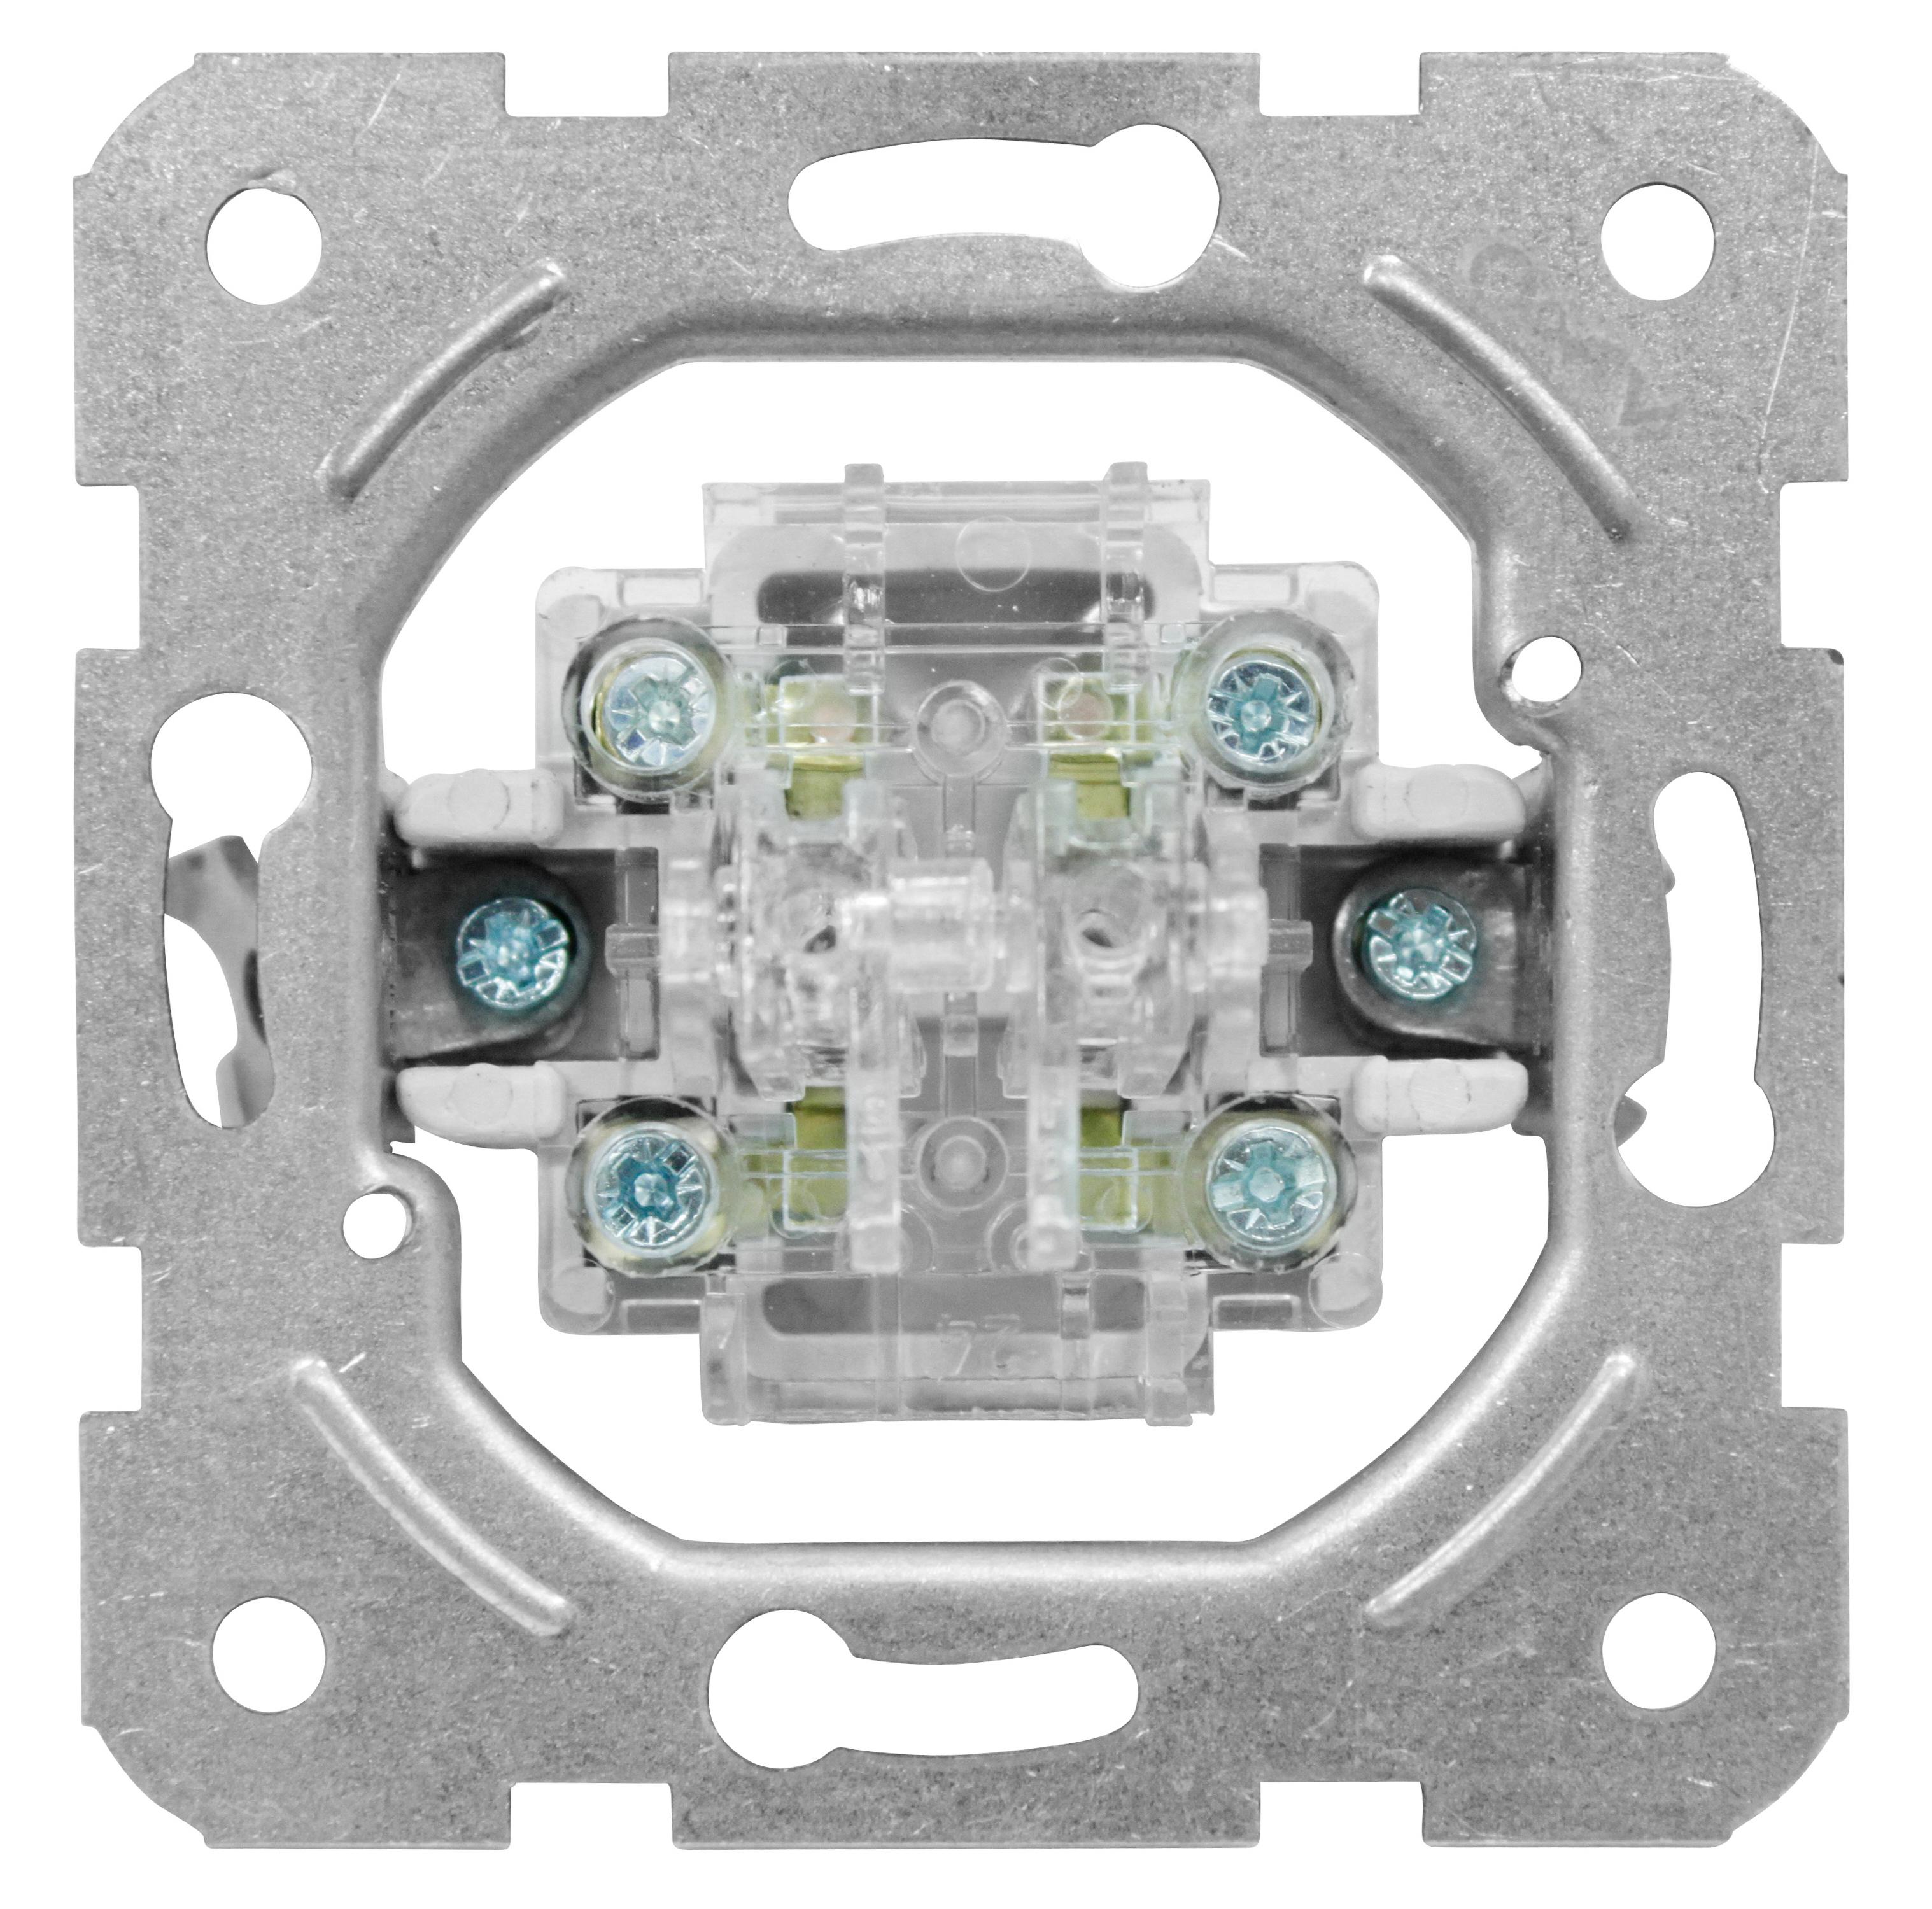 1 Stk Doppelwechselschalter-Einsatz, Schraubklemmen EV100014--